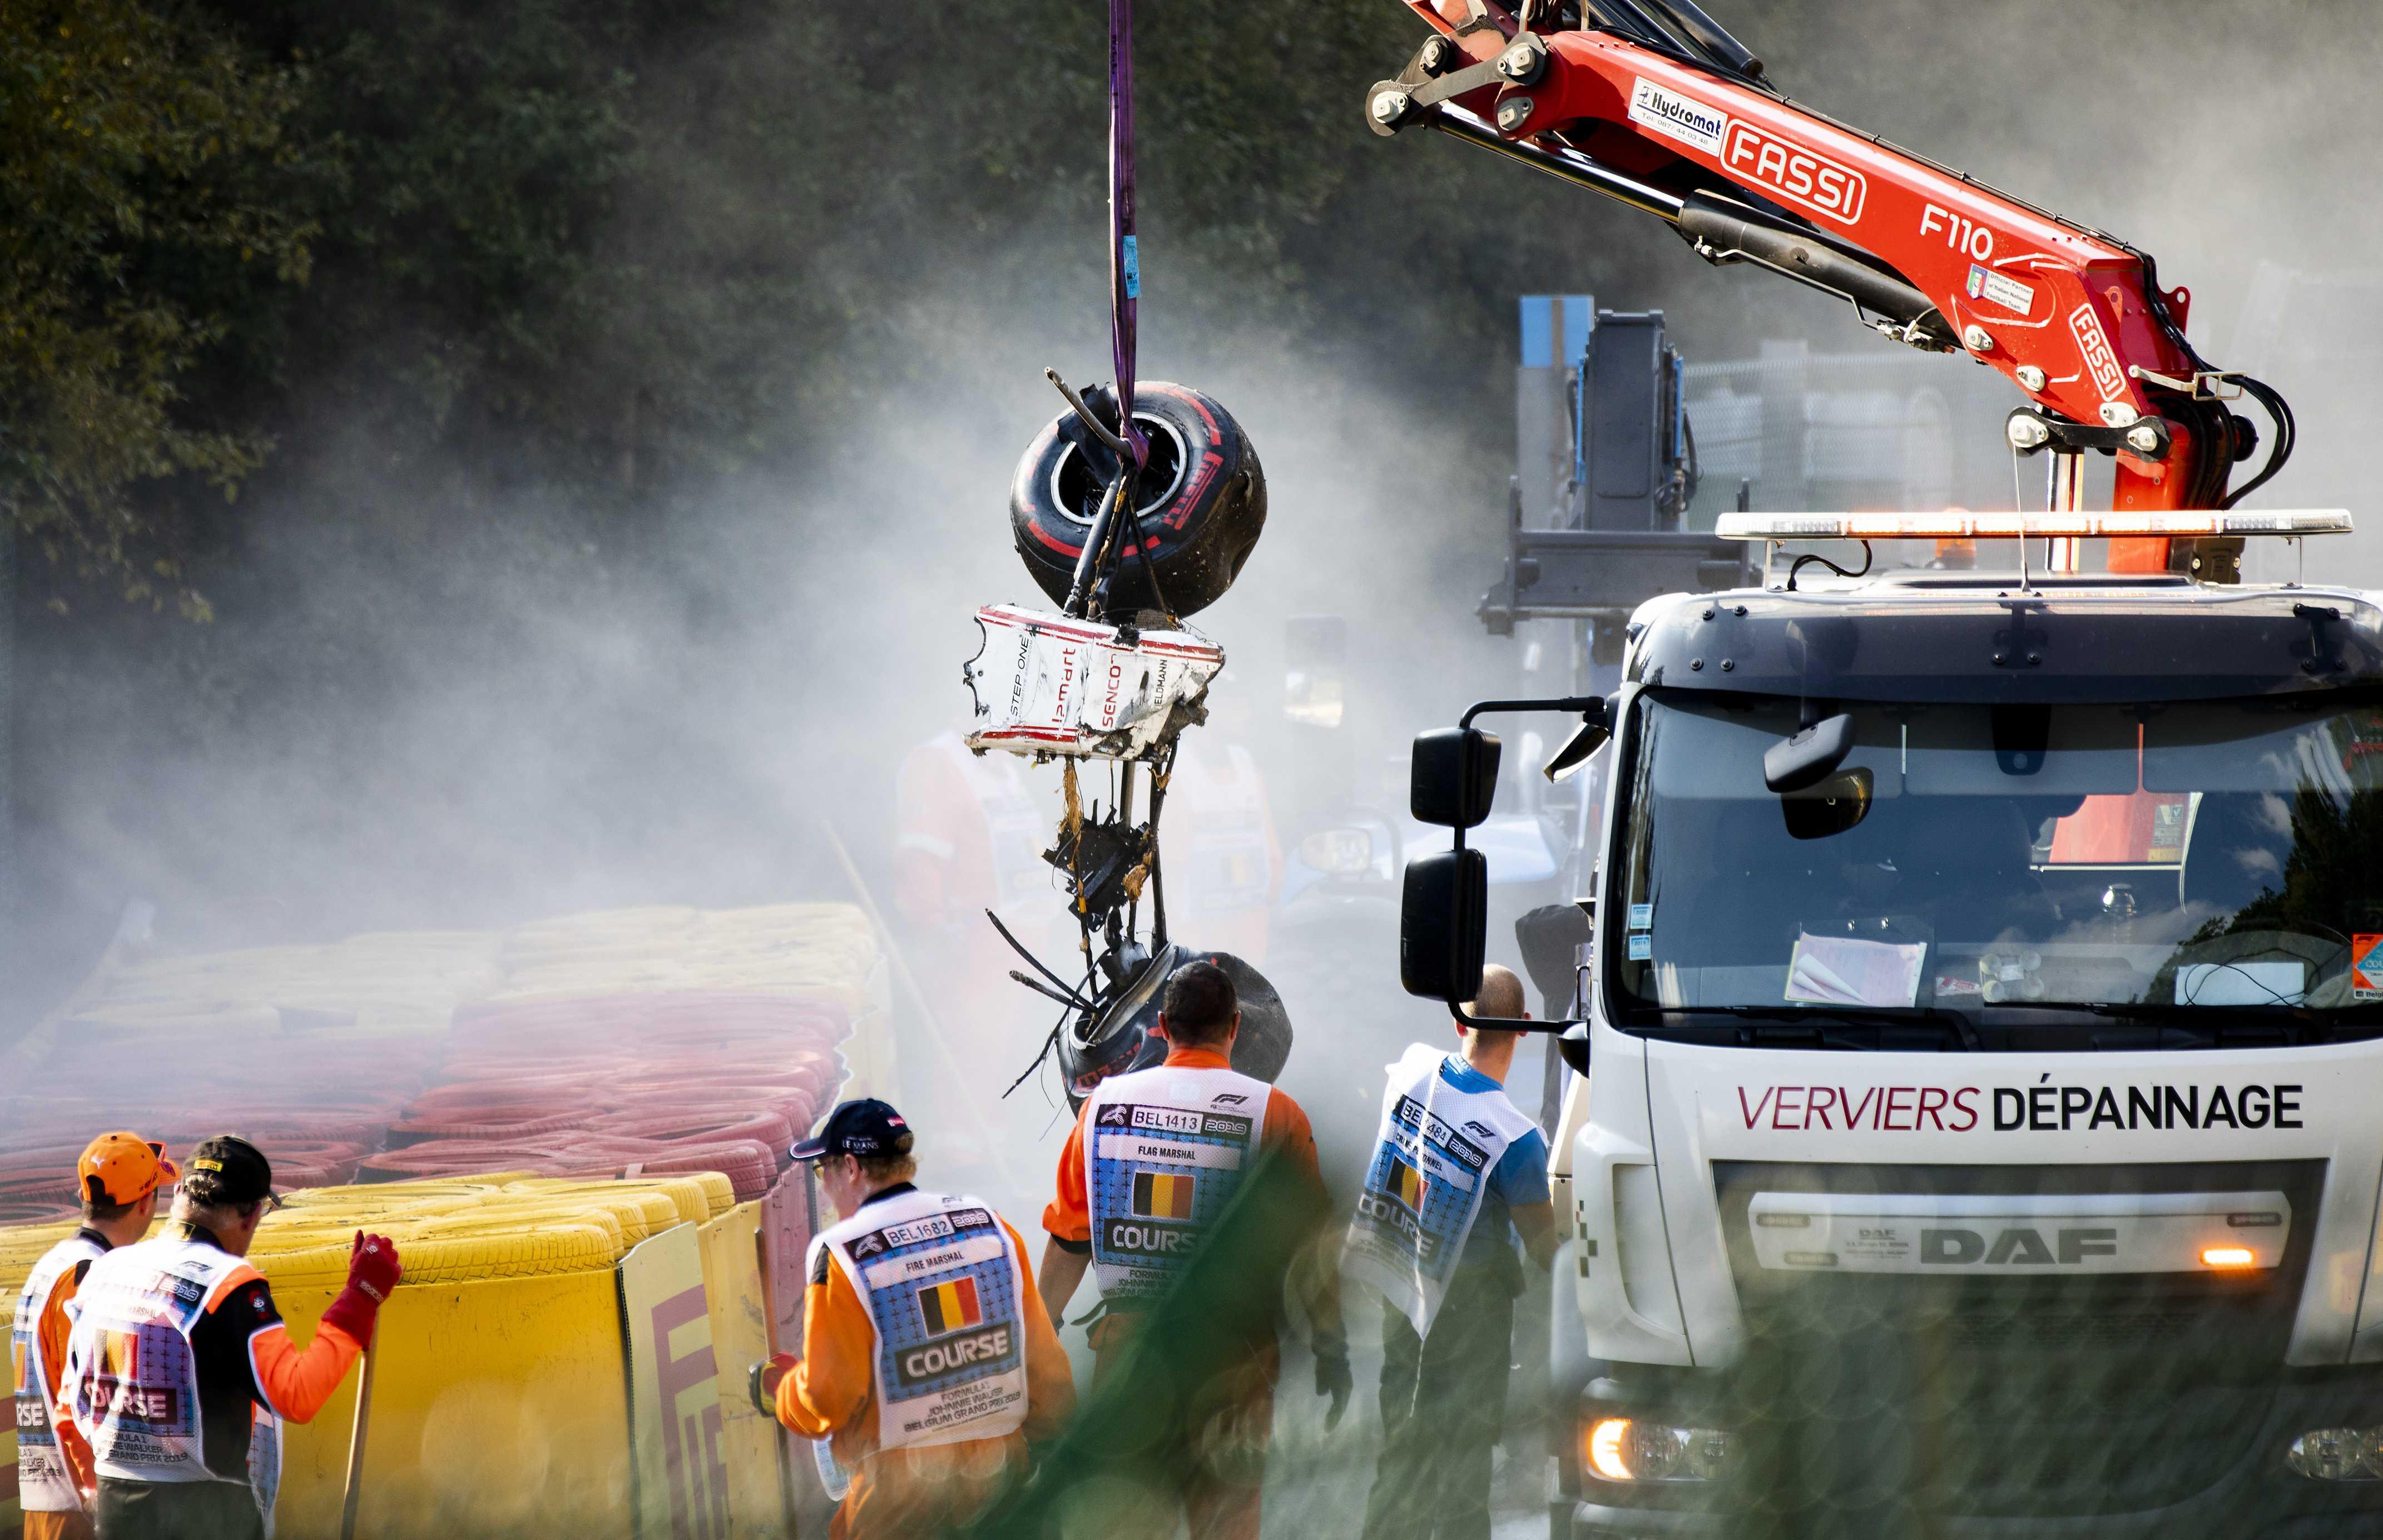 Formel 2: Der demolierte Wagen von Juan Manuel Correa in Spa-Franchorchamps.